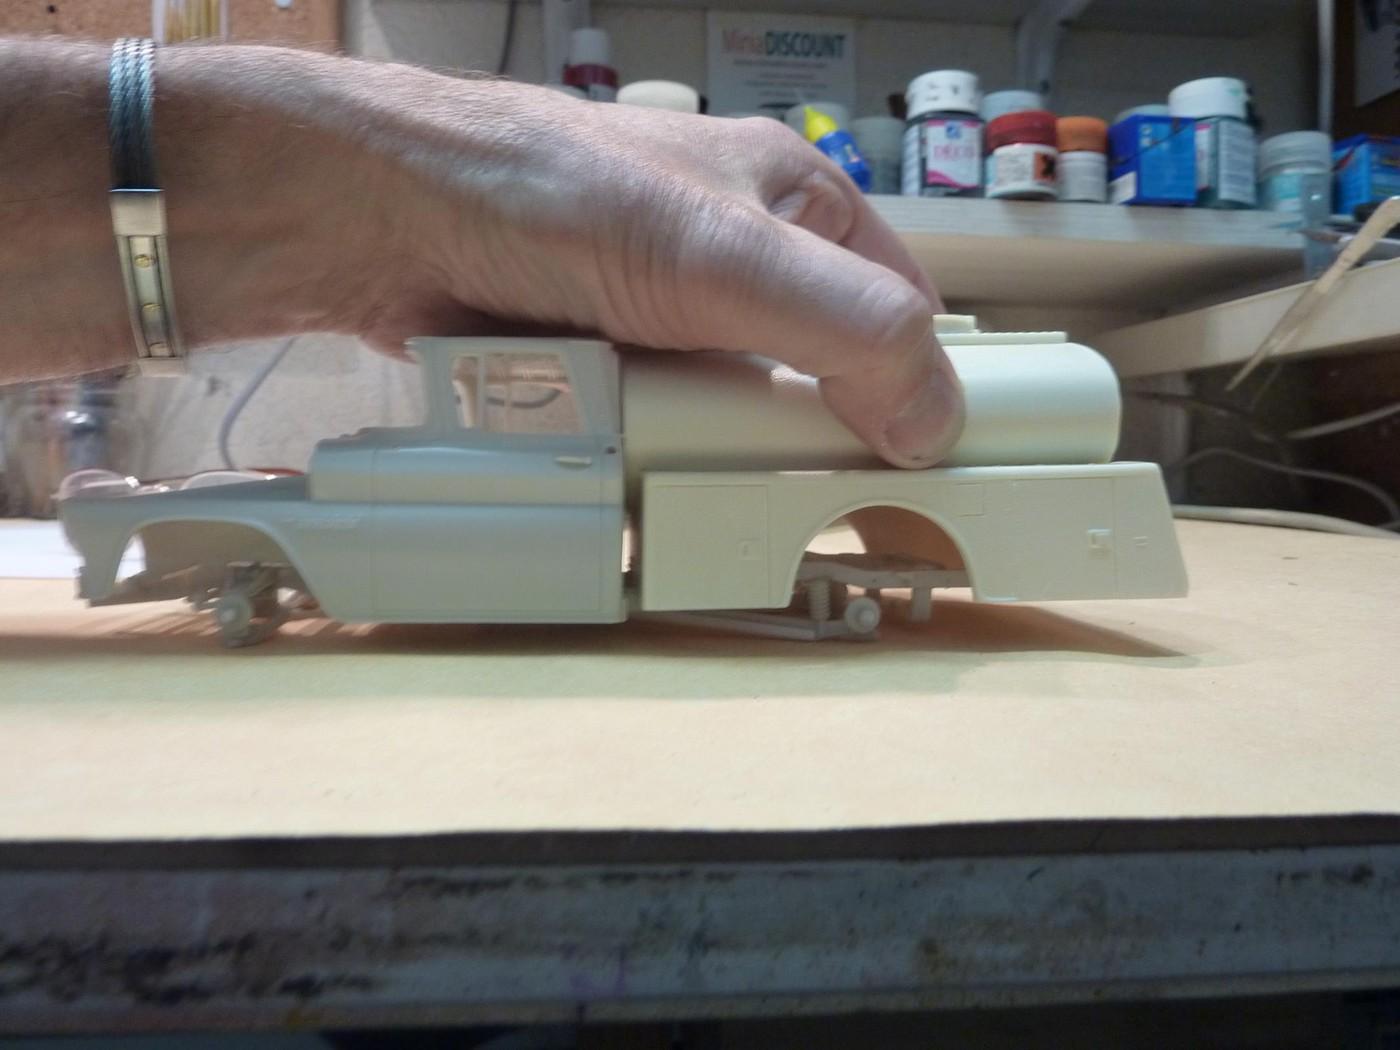 Chevy pickup 60 citerne texaco terminé - Page 2 Photo10-vi